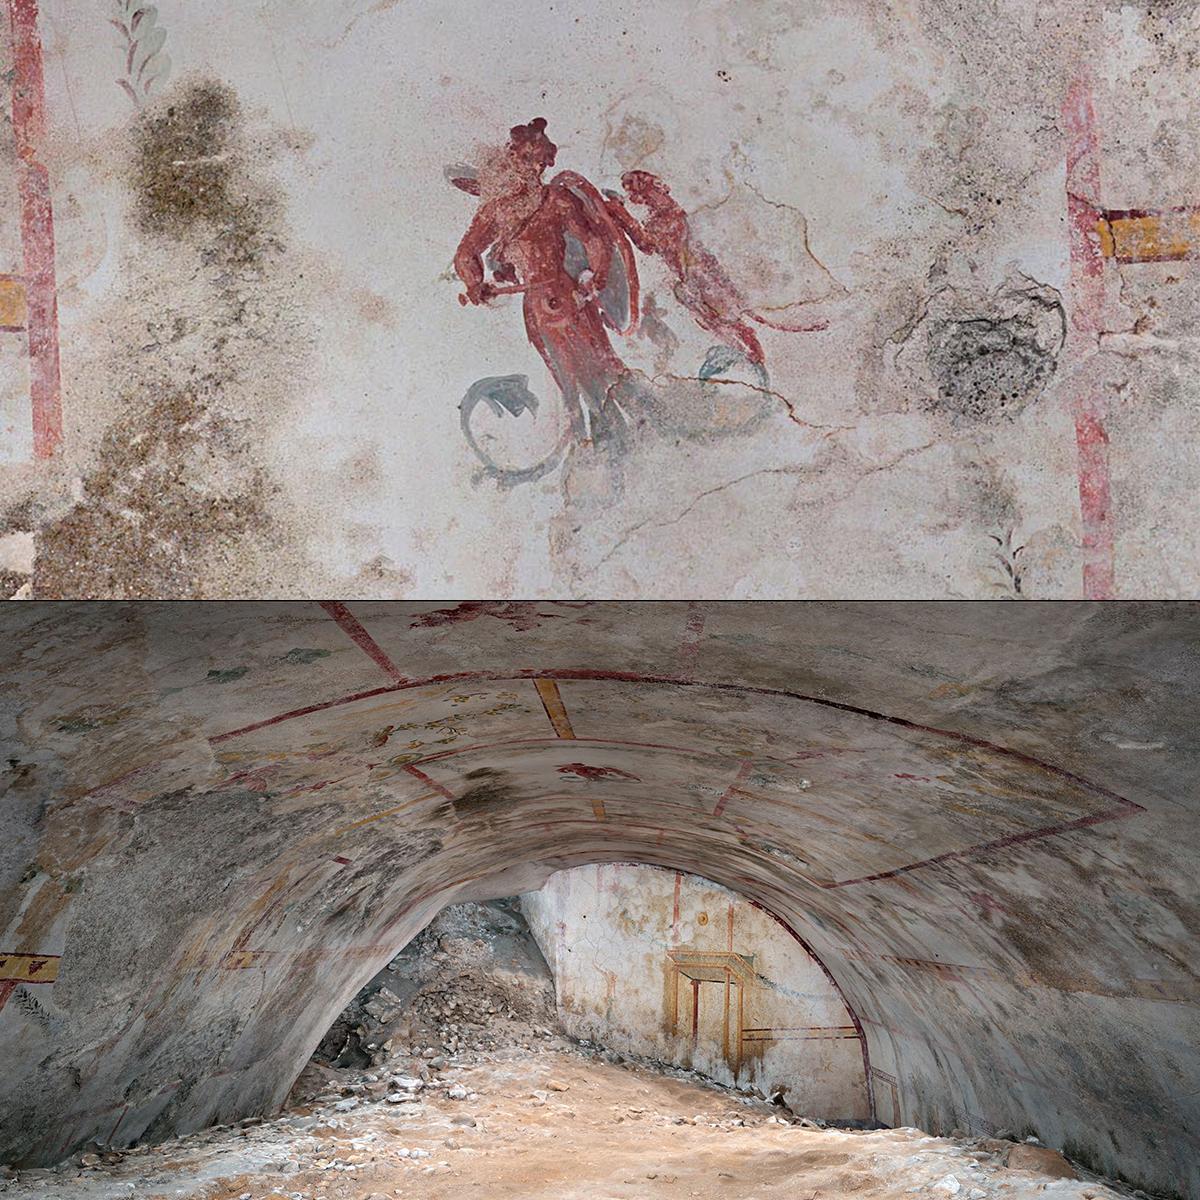 A Roma la Domus Aurea svela un nuovo tesoro: dopo 2.000 anni riemerge la Sala della Sfinge